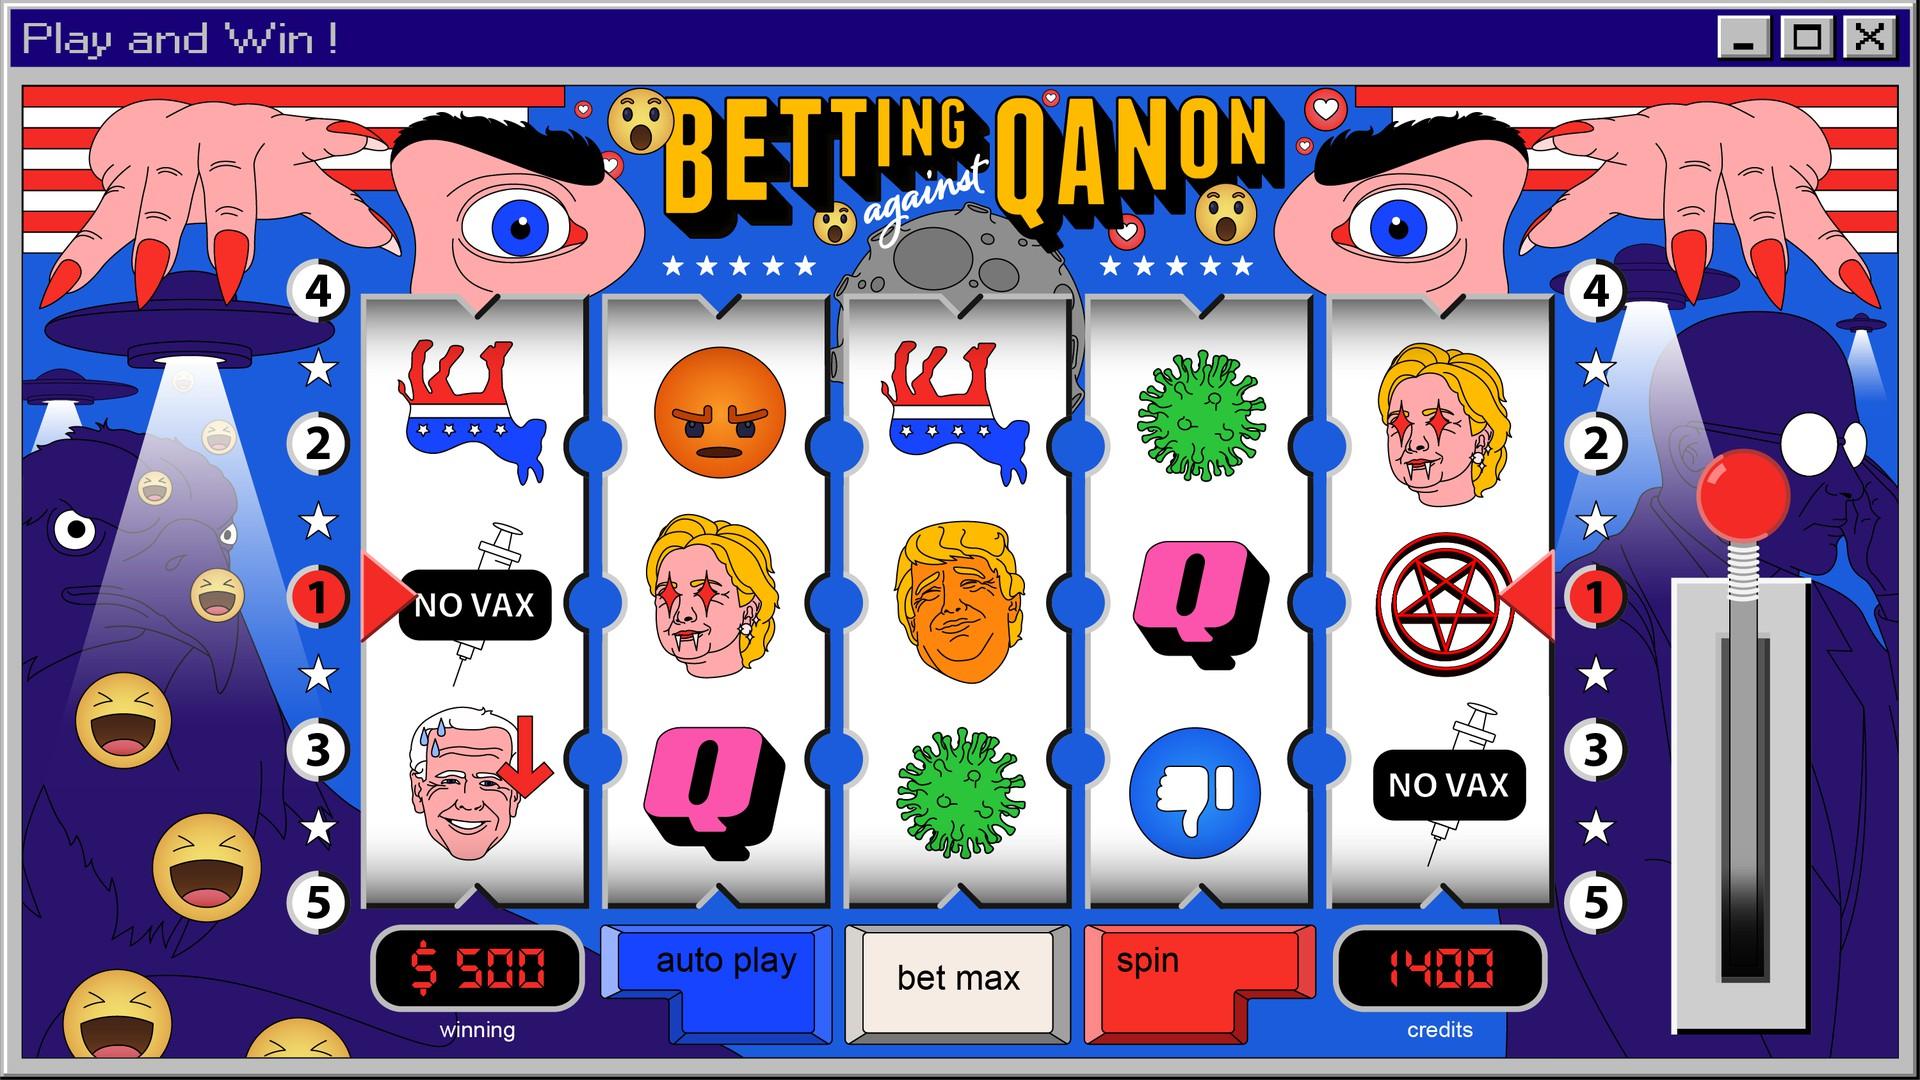 illustration of Q anon slot poker game